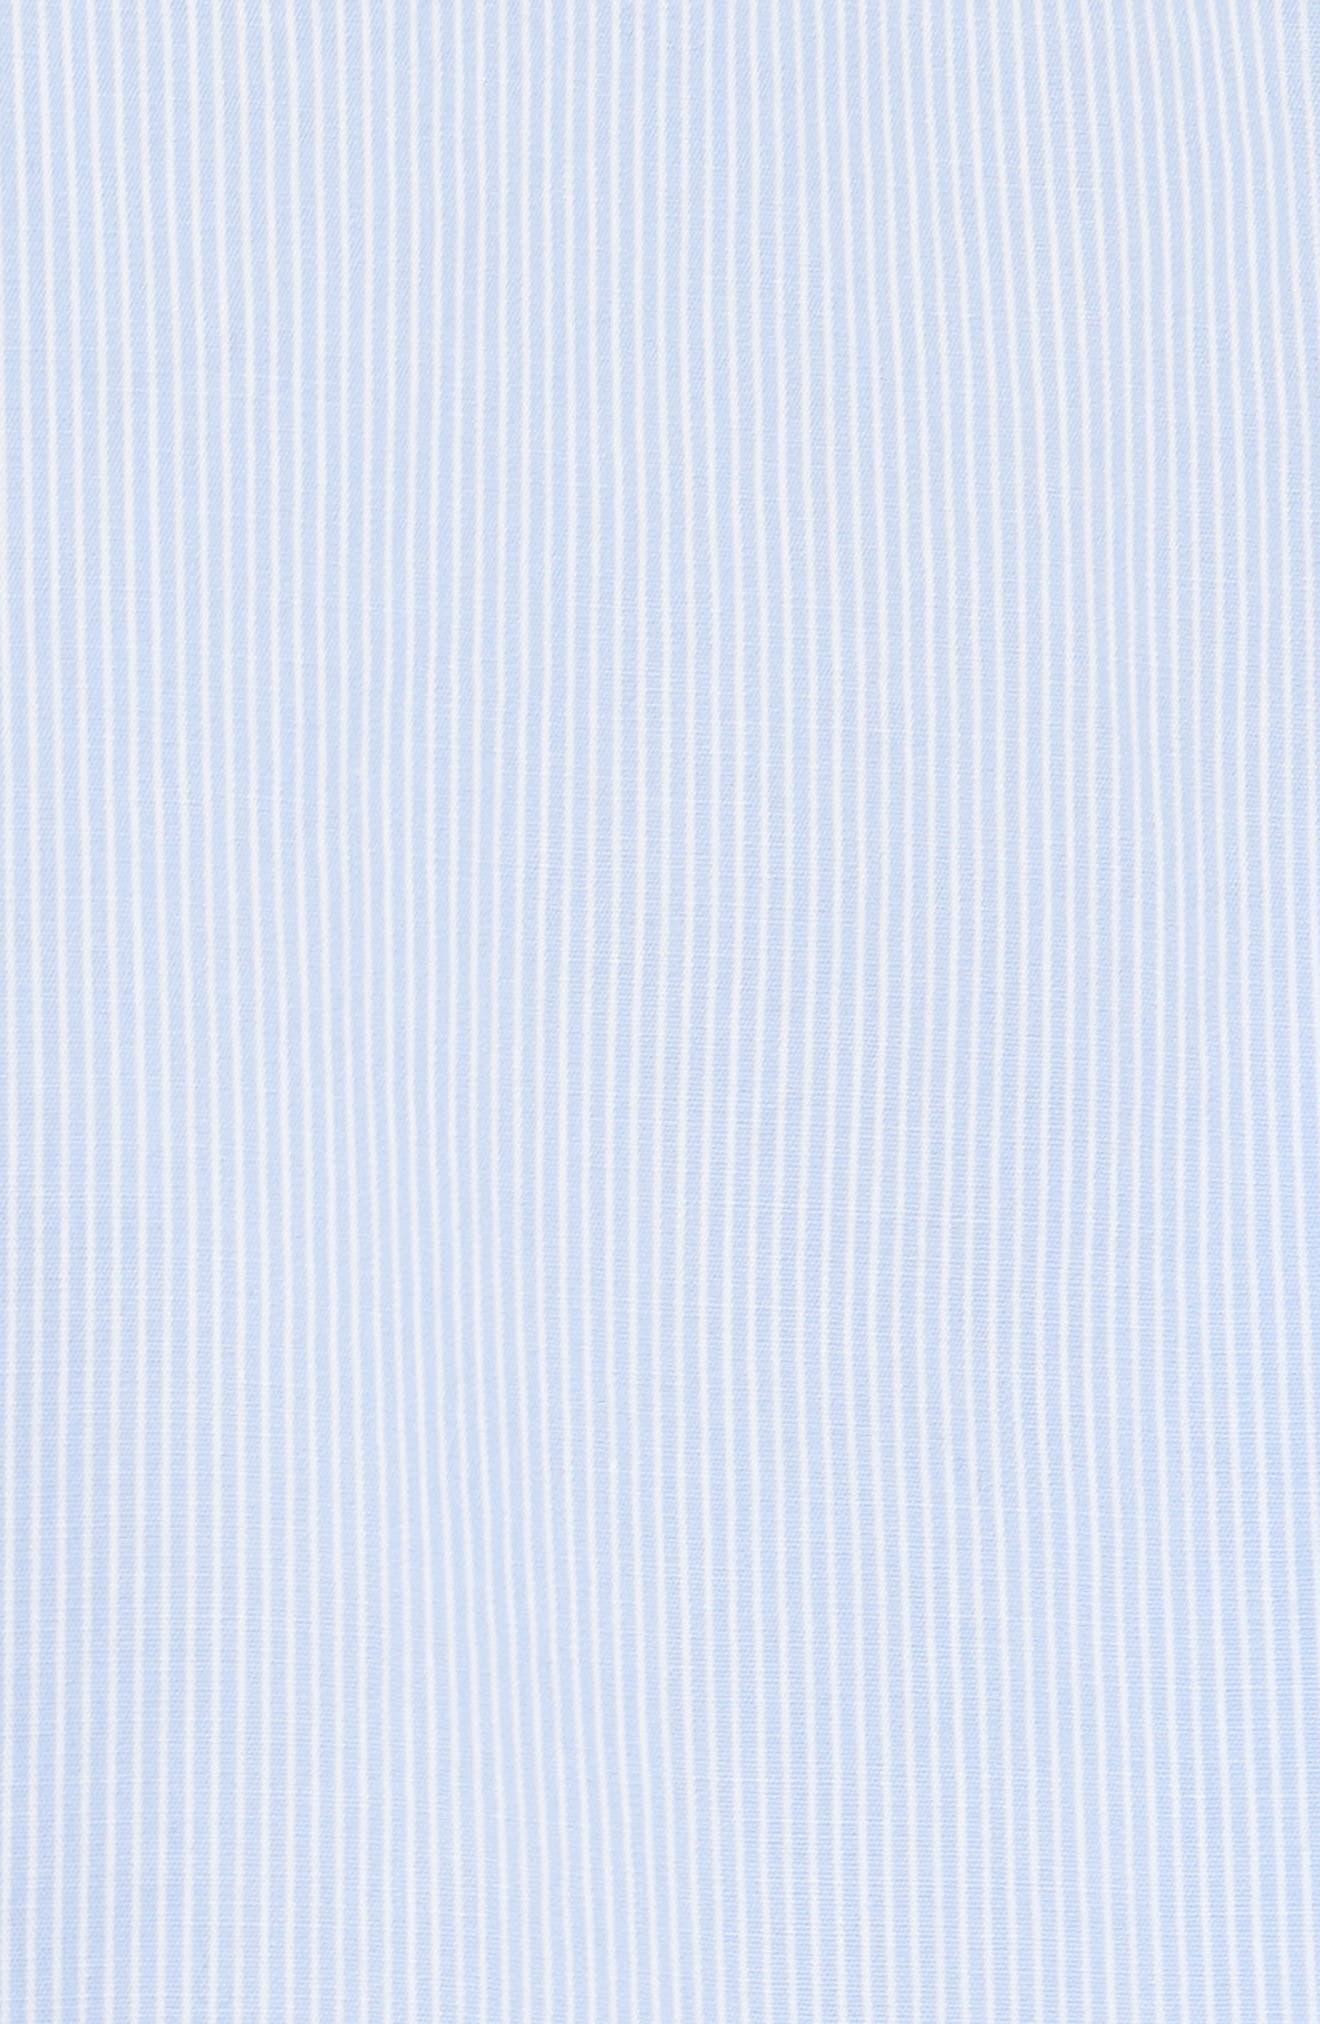 Pearson Shirt,                             Alternate thumbnail 5, color,                             Light Blue Multi